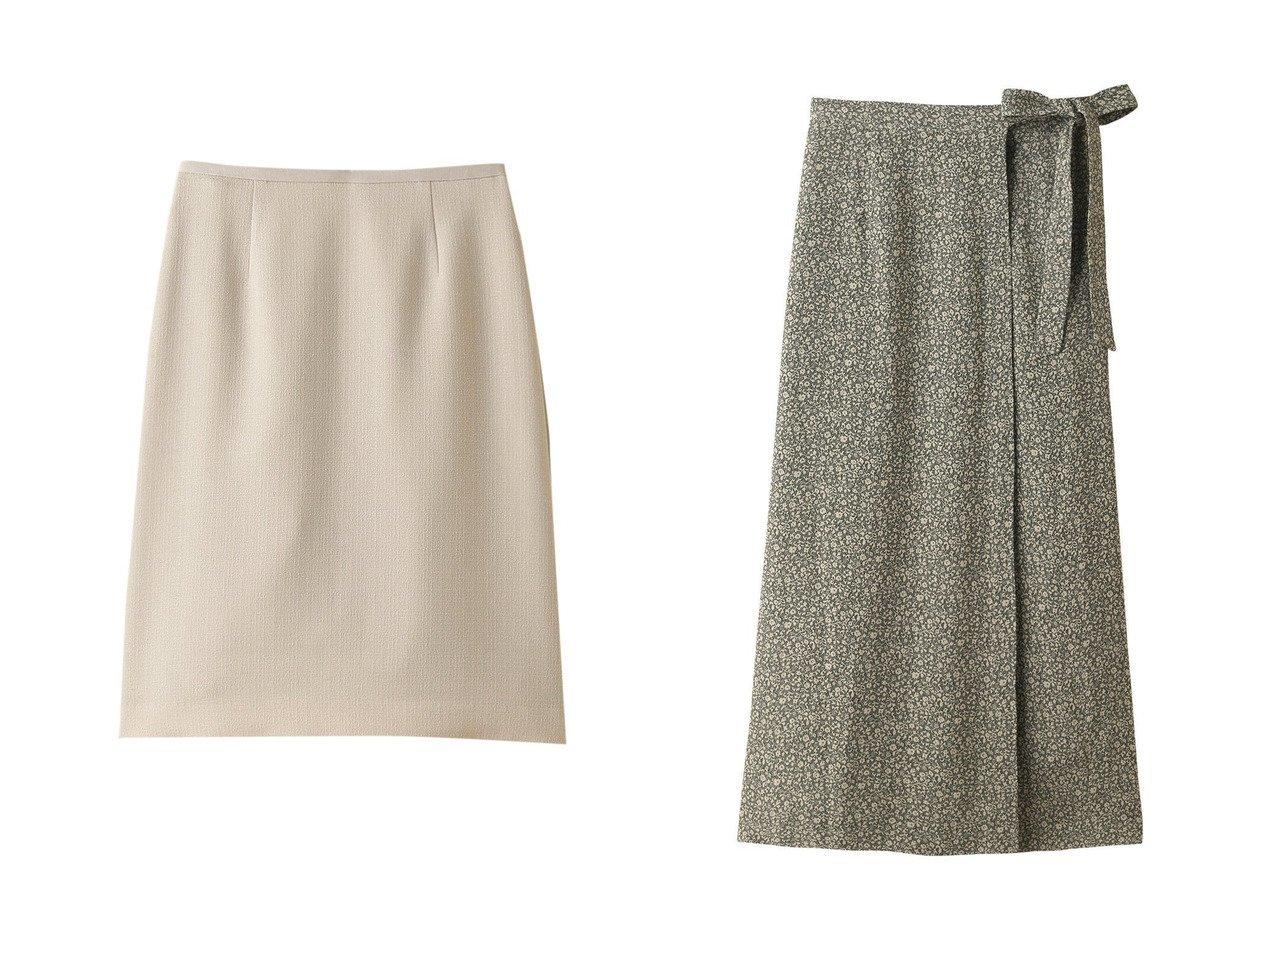 【ANAYI/アナイ】のブッチャーAラインスカート&【Shinzone/シンゾーン】のアラベスクラップスカート スカートのおすすめ!人気、トレンド・レディースファッションの通販 おすすめで人気の流行・トレンド、ファッションの通販商品 メンズファッション・キッズファッション・インテリア・家具・レディースファッション・服の通販 founy(ファニー) https://founy.com/ ファッション Fashion レディースファッション WOMEN スカート Skirt Aライン/フレアスカート Flared A-Line Skirts ロングスカート Long Skirt シンプル ジャケット セットアップ ロング 再入荷 Restock/Back in Stock/Re Arrival 2021年 2021 2021 春夏 S/S SS Spring/Summer 2021 S/S 春夏 SS Spring/Summer スウェット ラップ リボン 春 Spring |ID:crp329100000012920